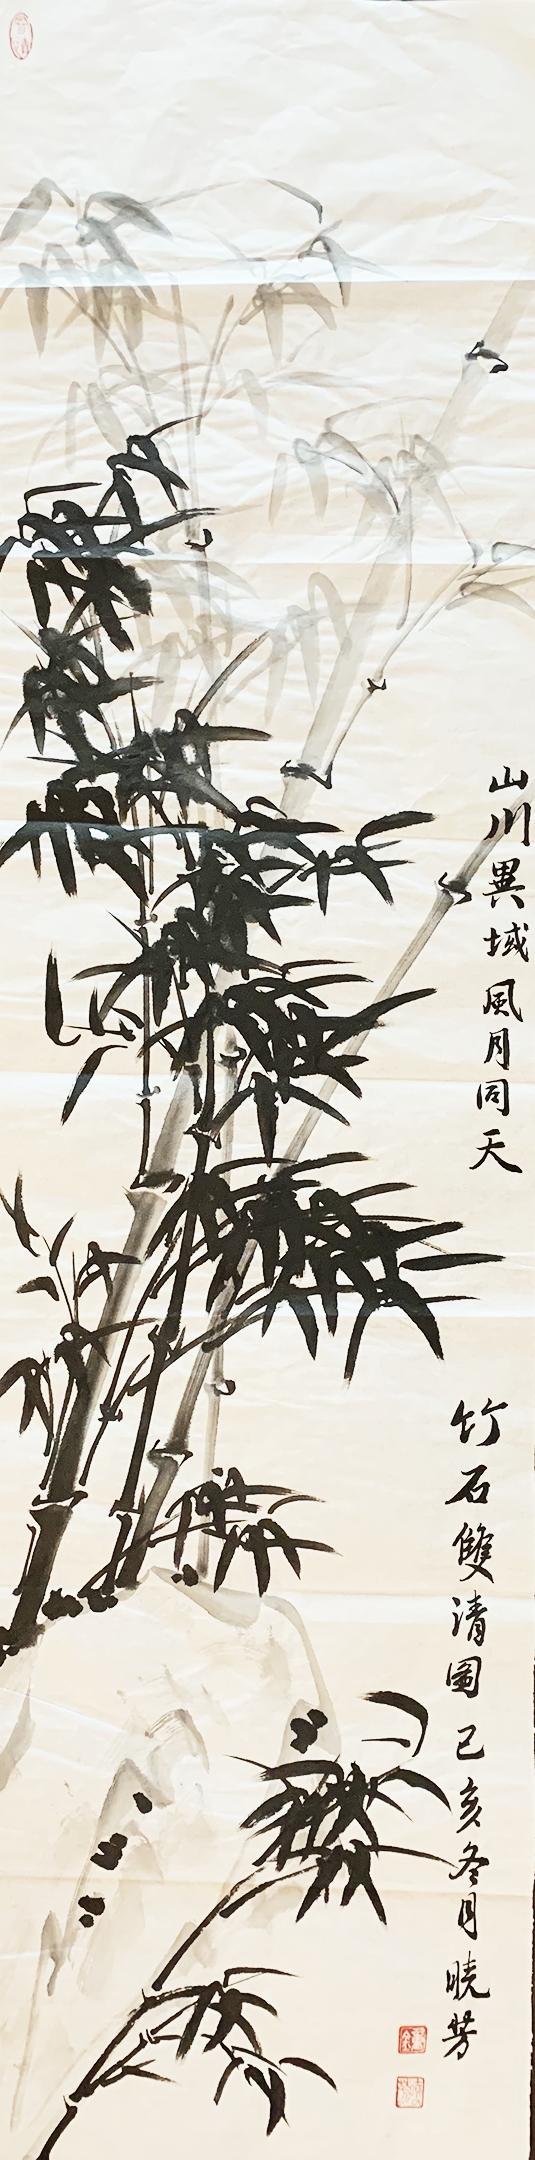 钟晓芳-1